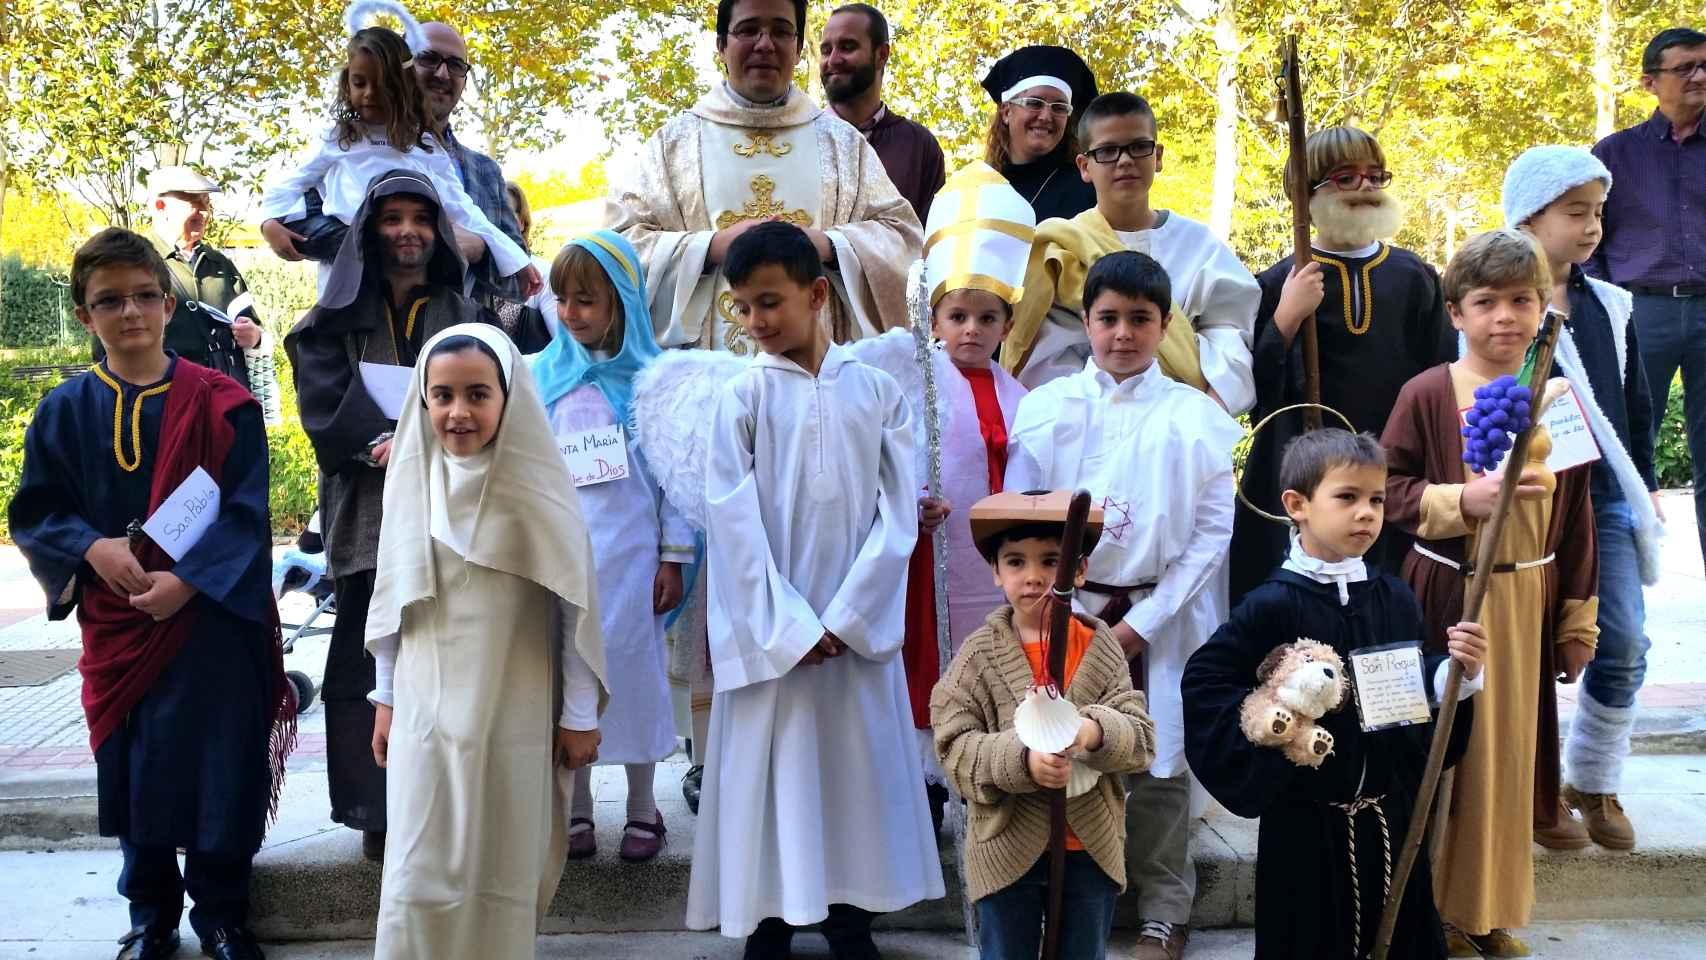 Varios niños disfrazados de santos celebran la nueva festividad de Holywins.